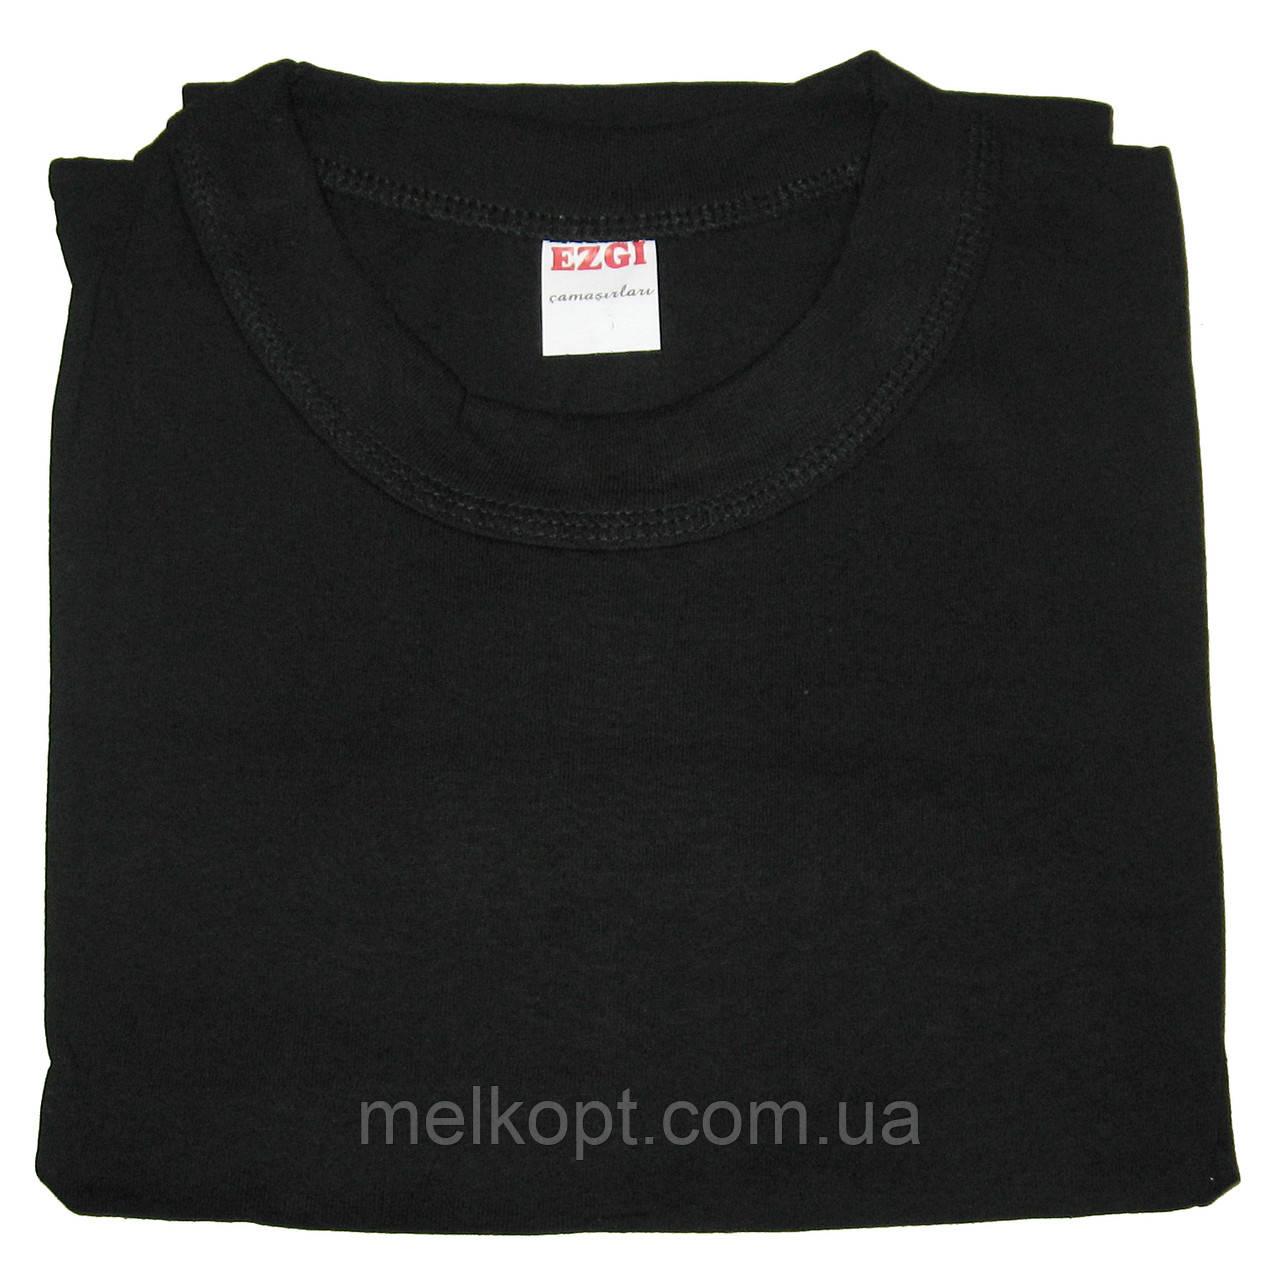 Чоловічі футболки Ezgi - 75,00 грн./шт. (75-й розмір, чорні)